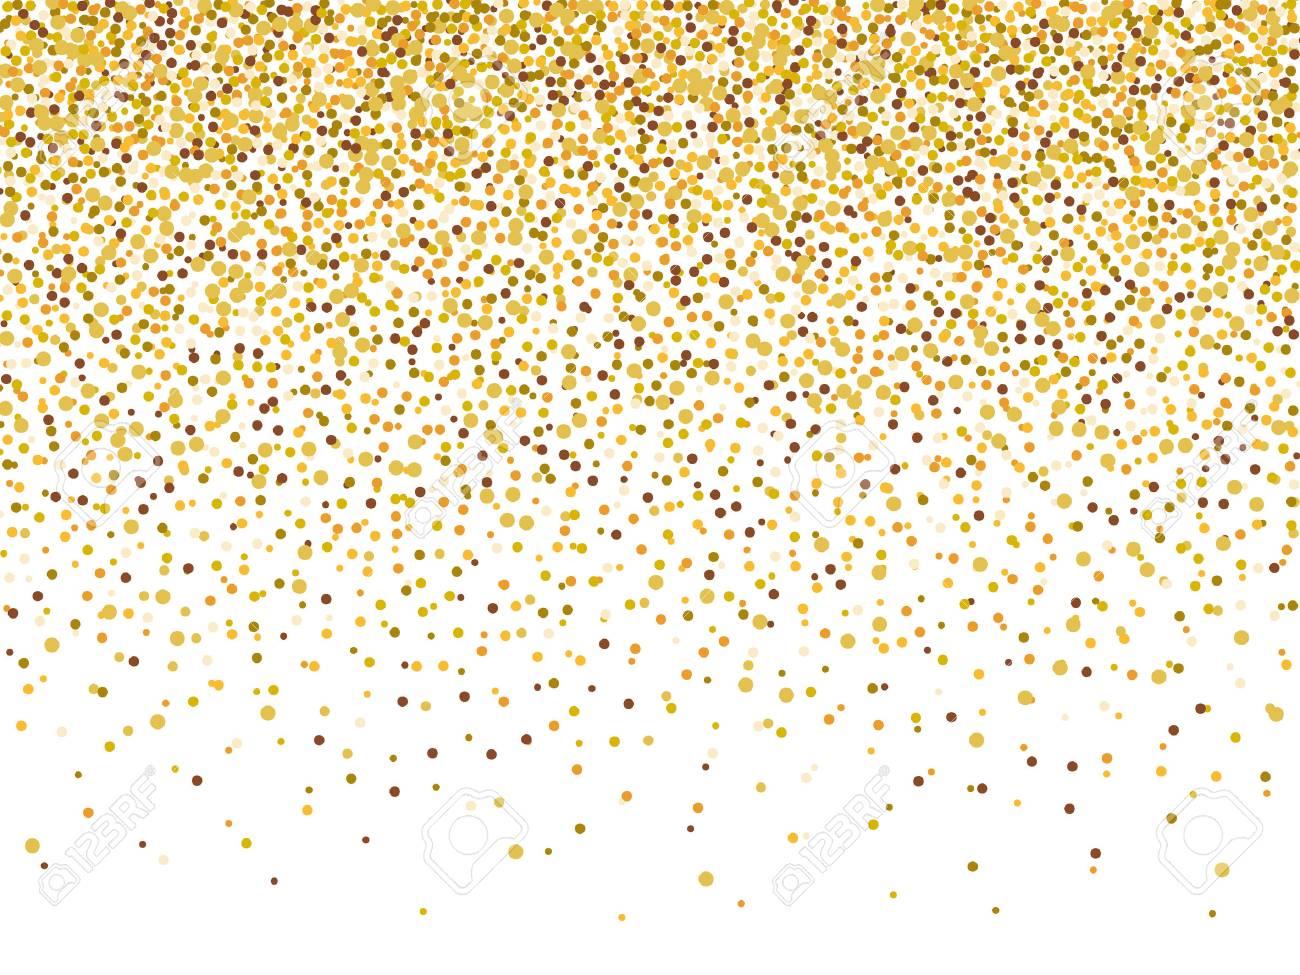 Marco Del Oro Del Confeti Brillo Para La Tarjeta De Felicitación ...